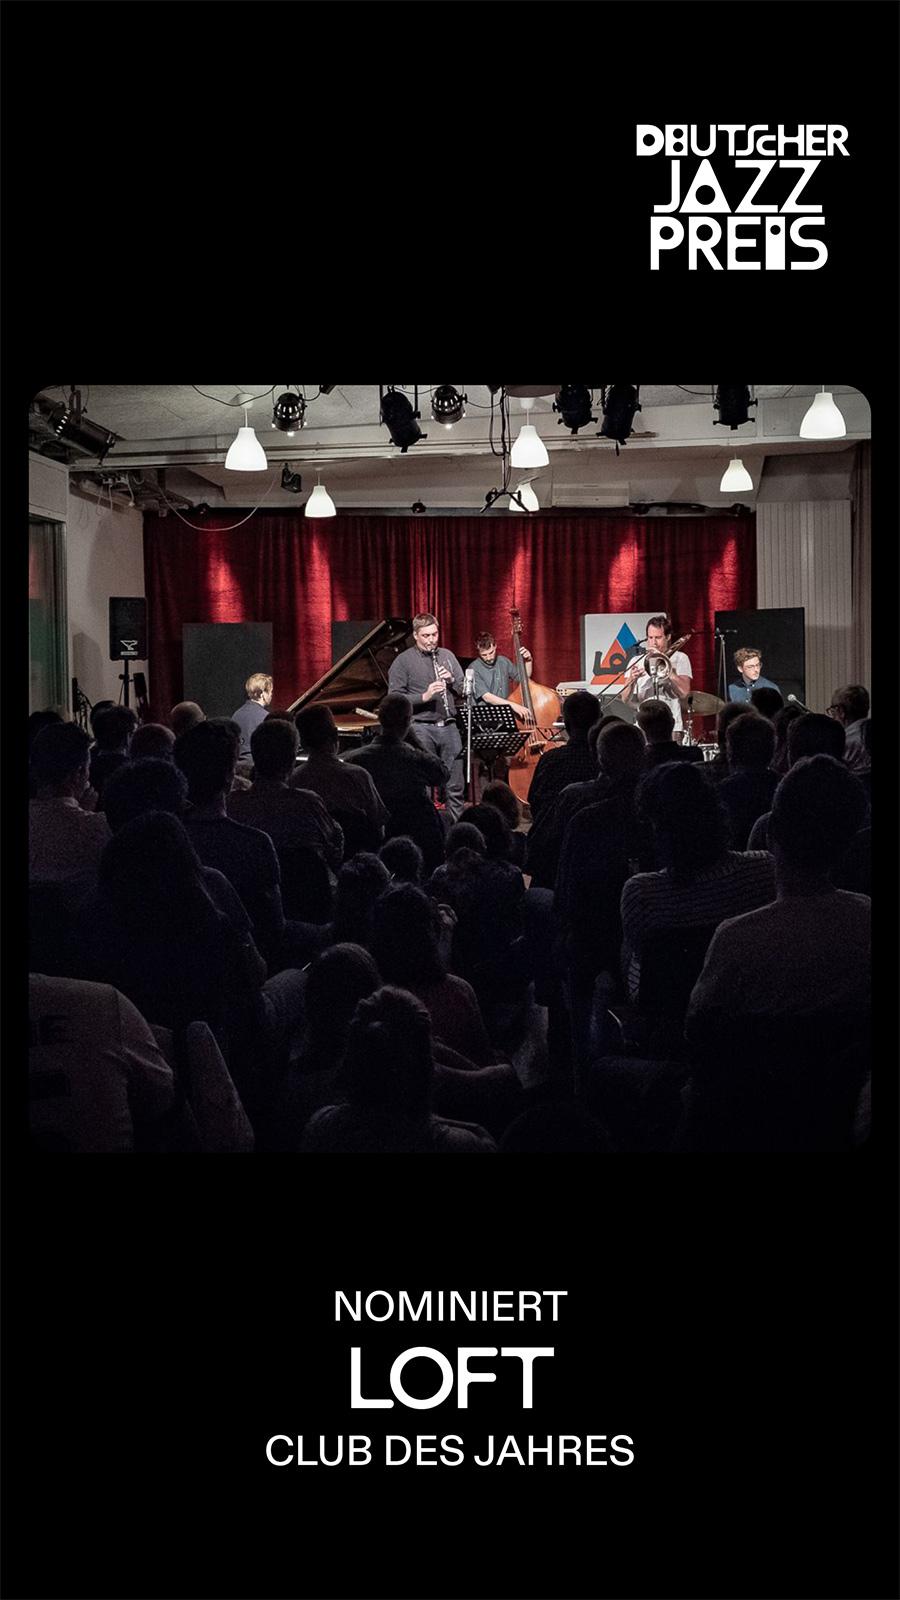 Deutscher Jazzpreis, Deutsche Jazzunion, LOFT, Club des Jahres, nomminiert